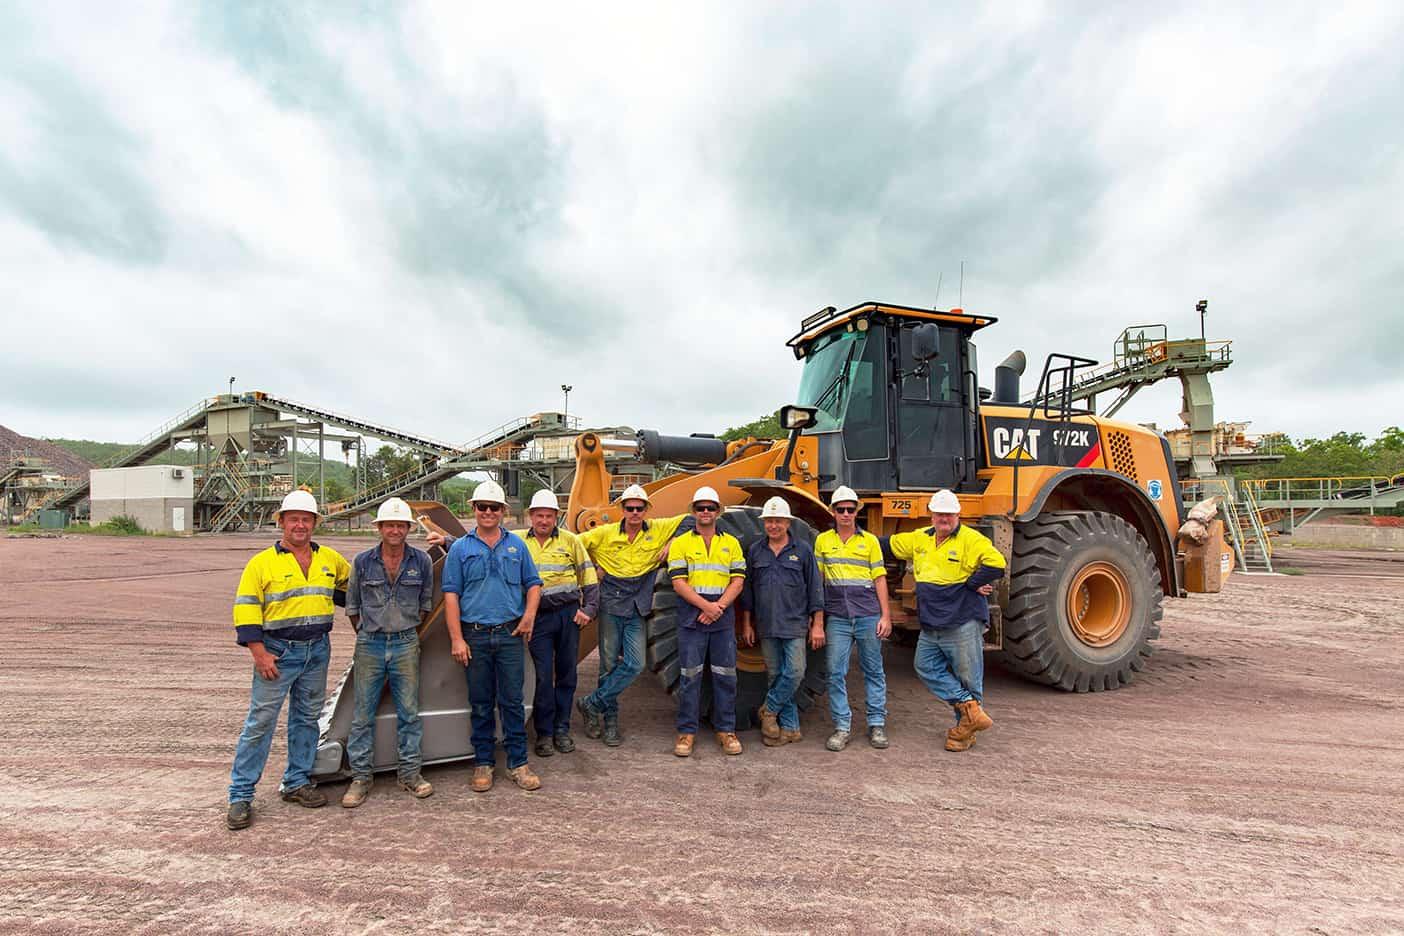 _quarry team